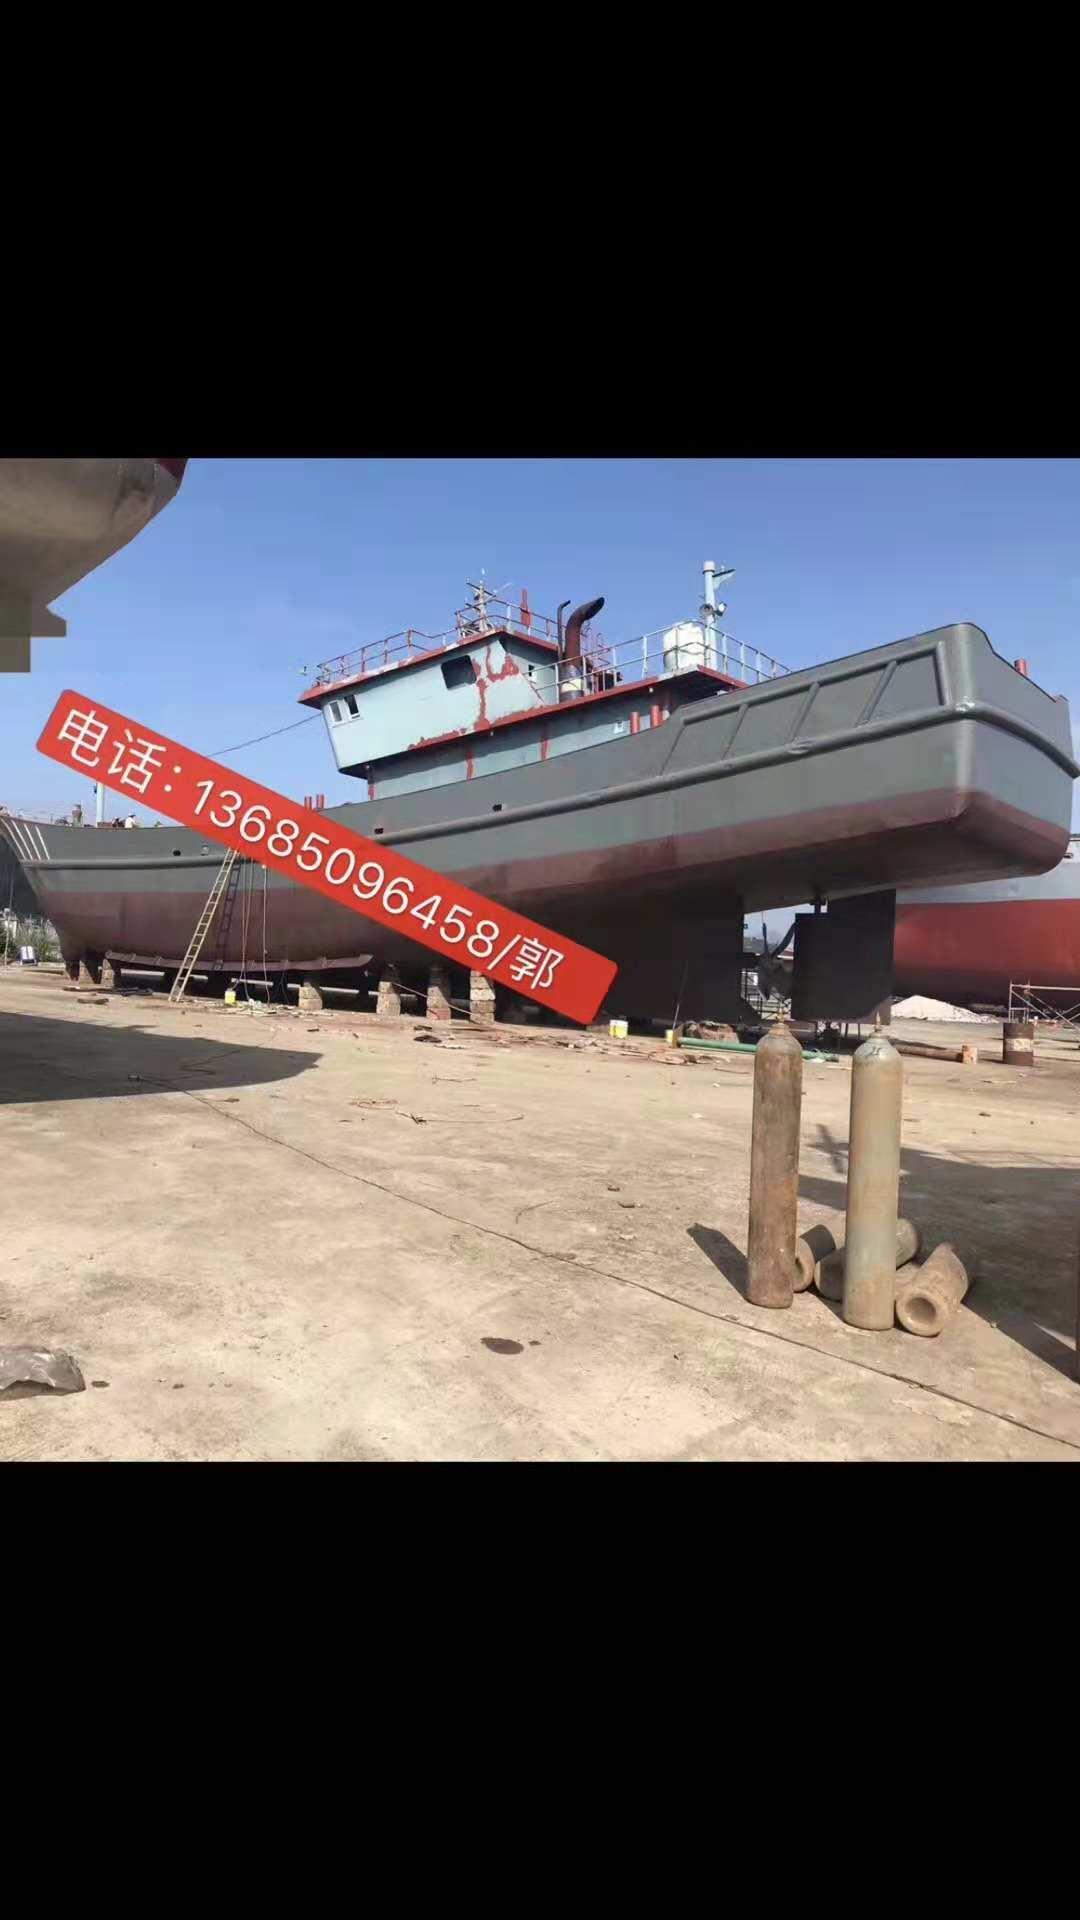 出售4艘420吨鱼船型水船